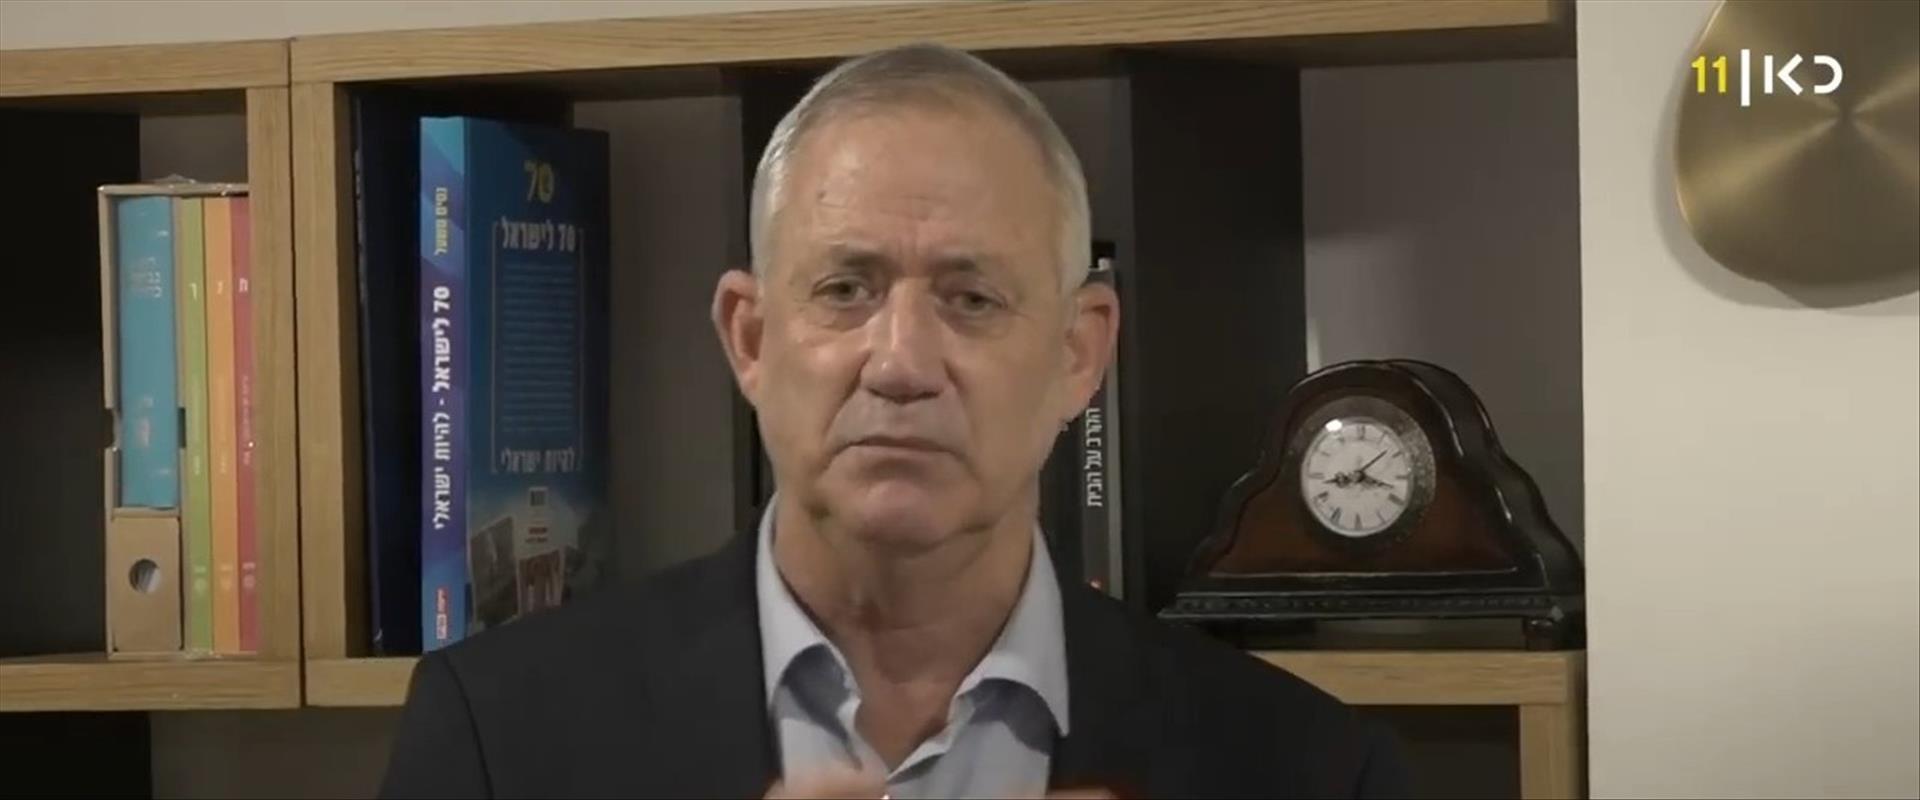 שר הביטחון גנץ